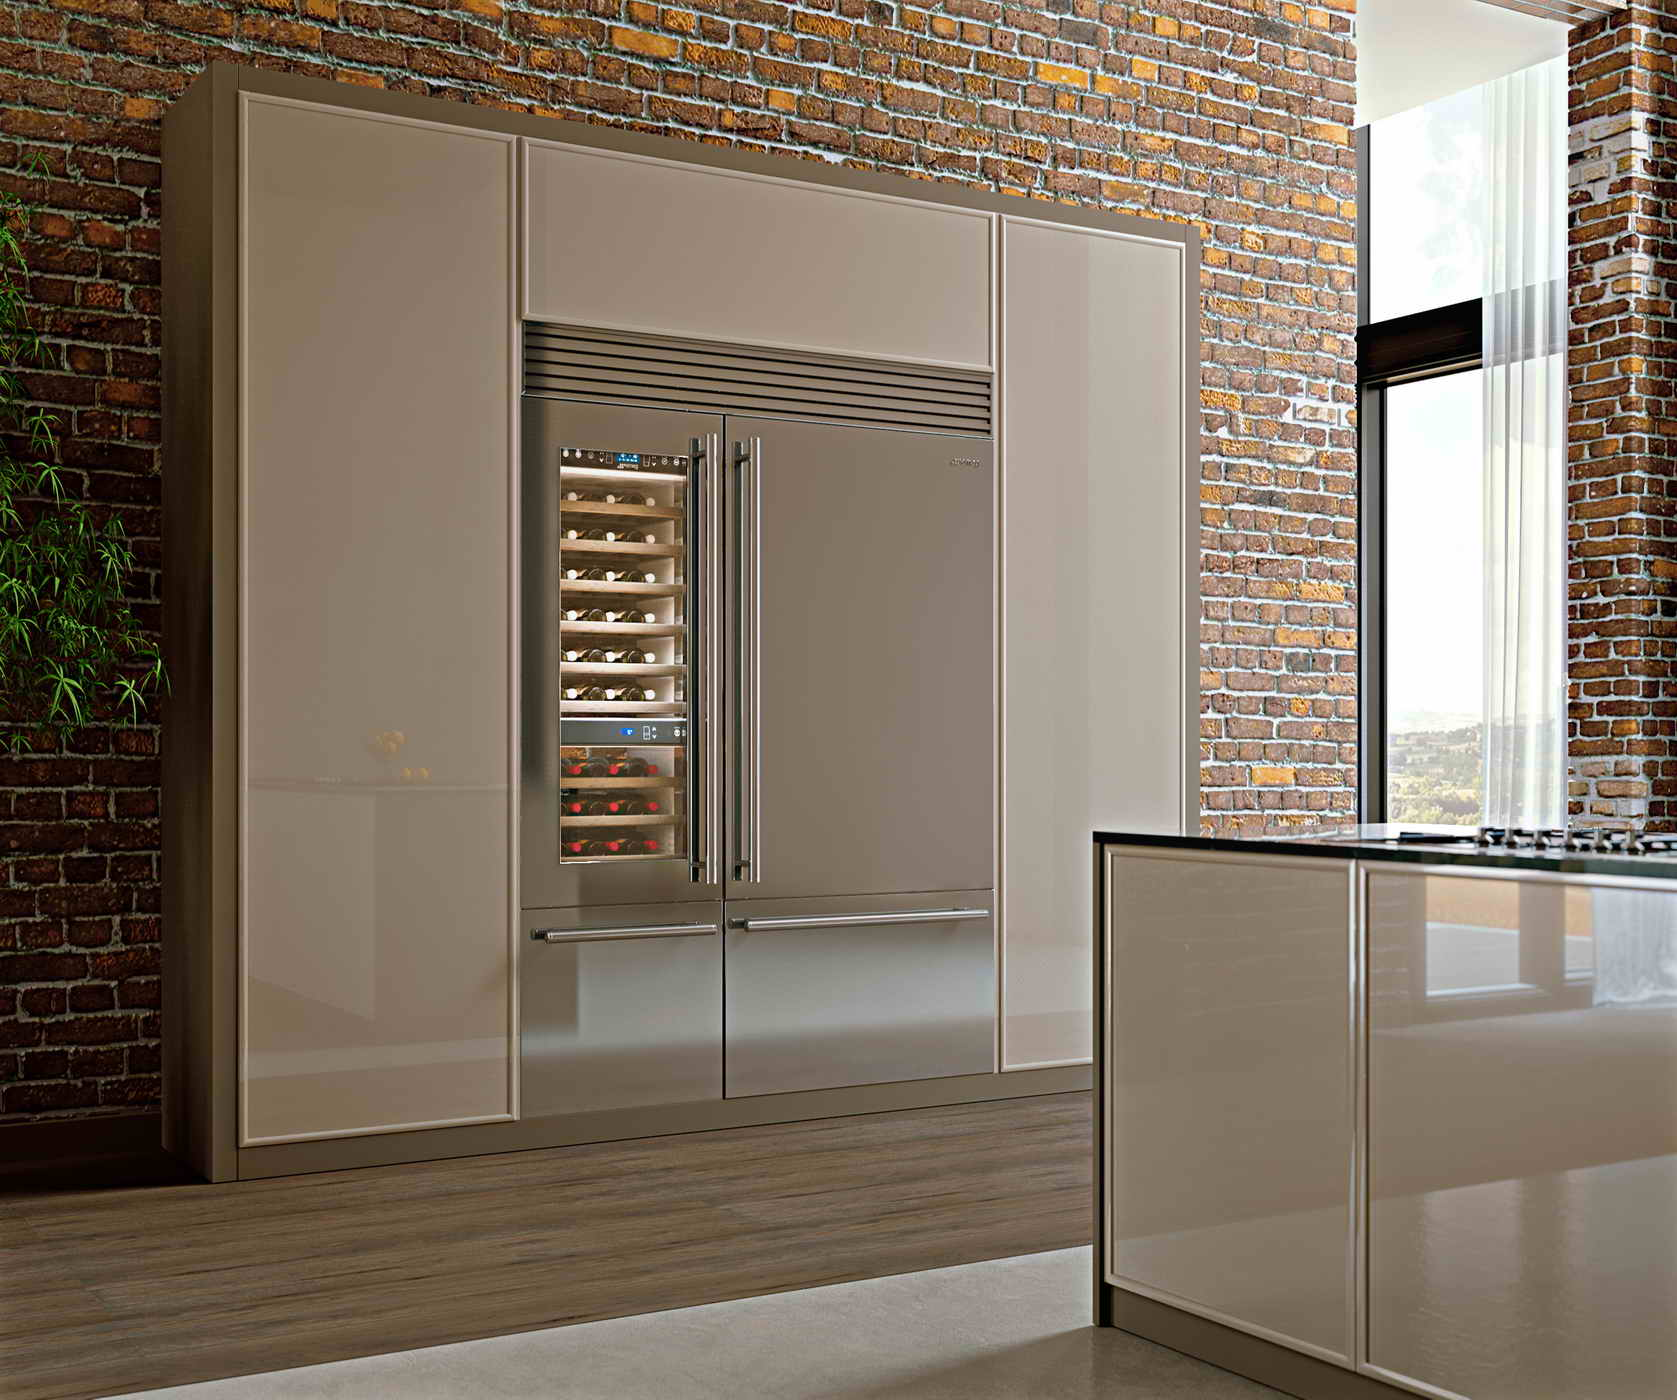 smeg luxury side by side k hlschrank 150 cm design volledelstahl rf396rsix plus wf366ldx